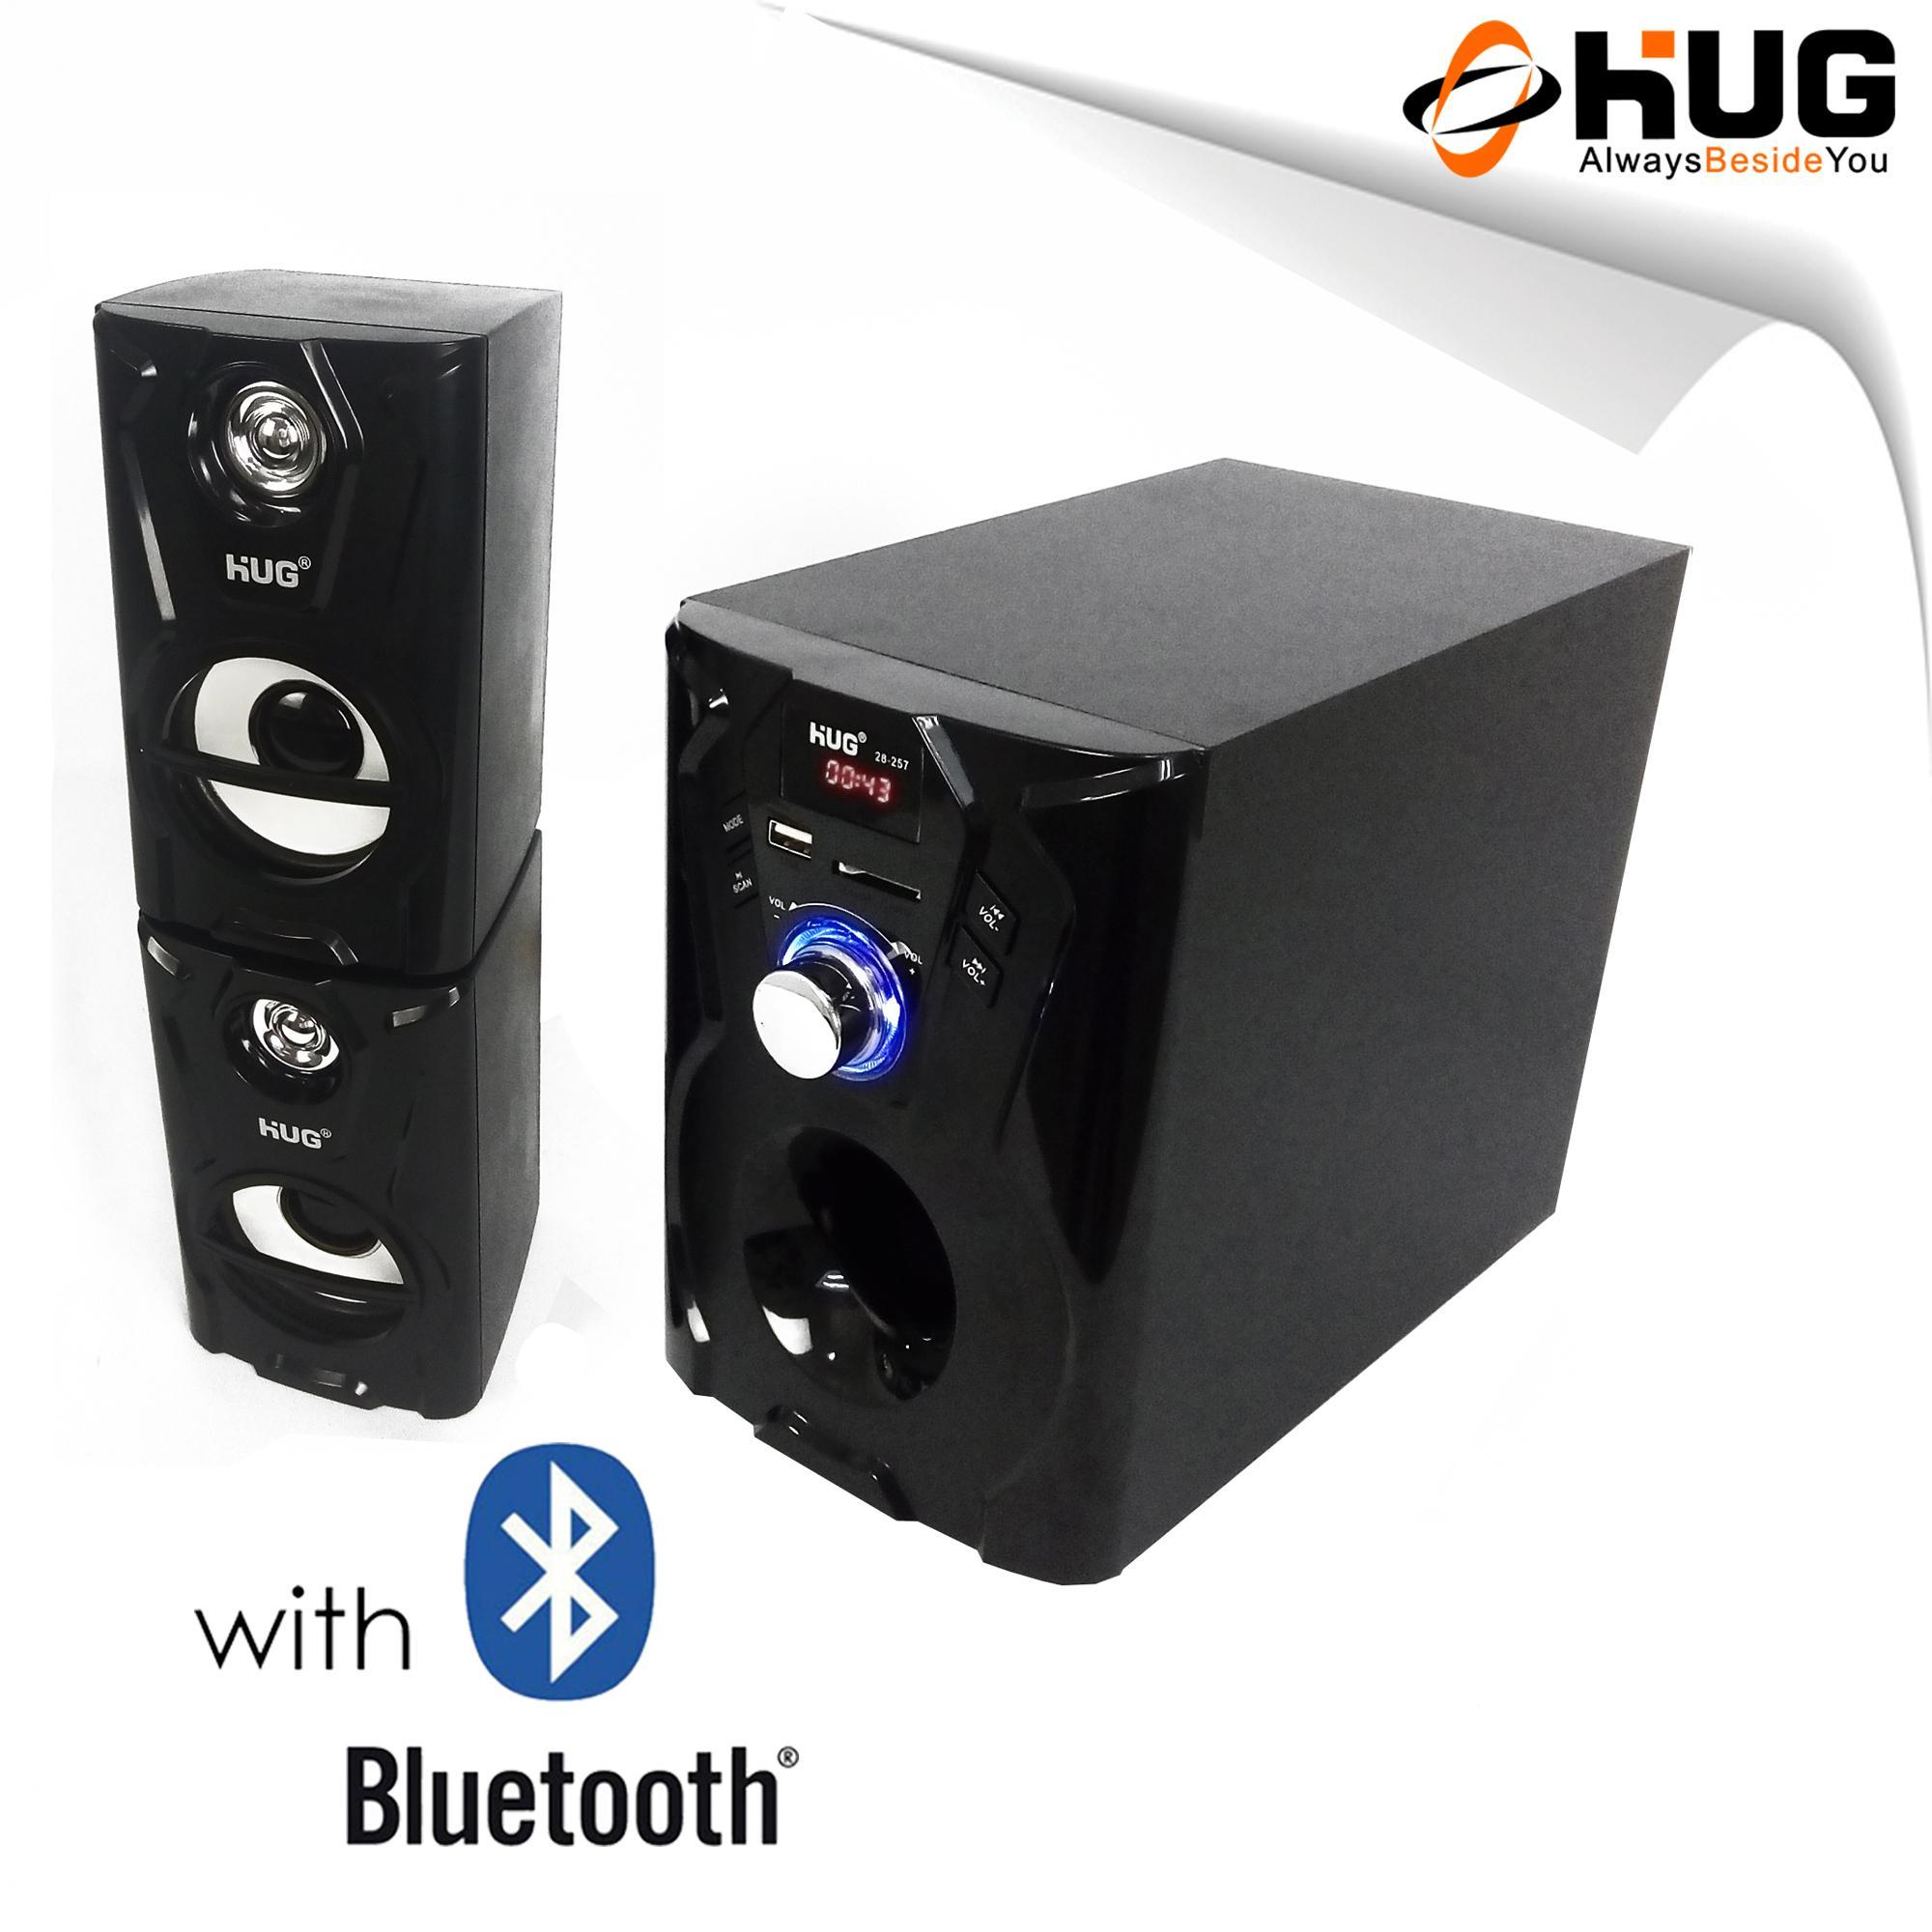 Subwoofer For Sale Speaker Prices Brands Specs In Ev Eliminator Wiring Diagram Hug H28 257 W Usb Slot Bluetooth Built